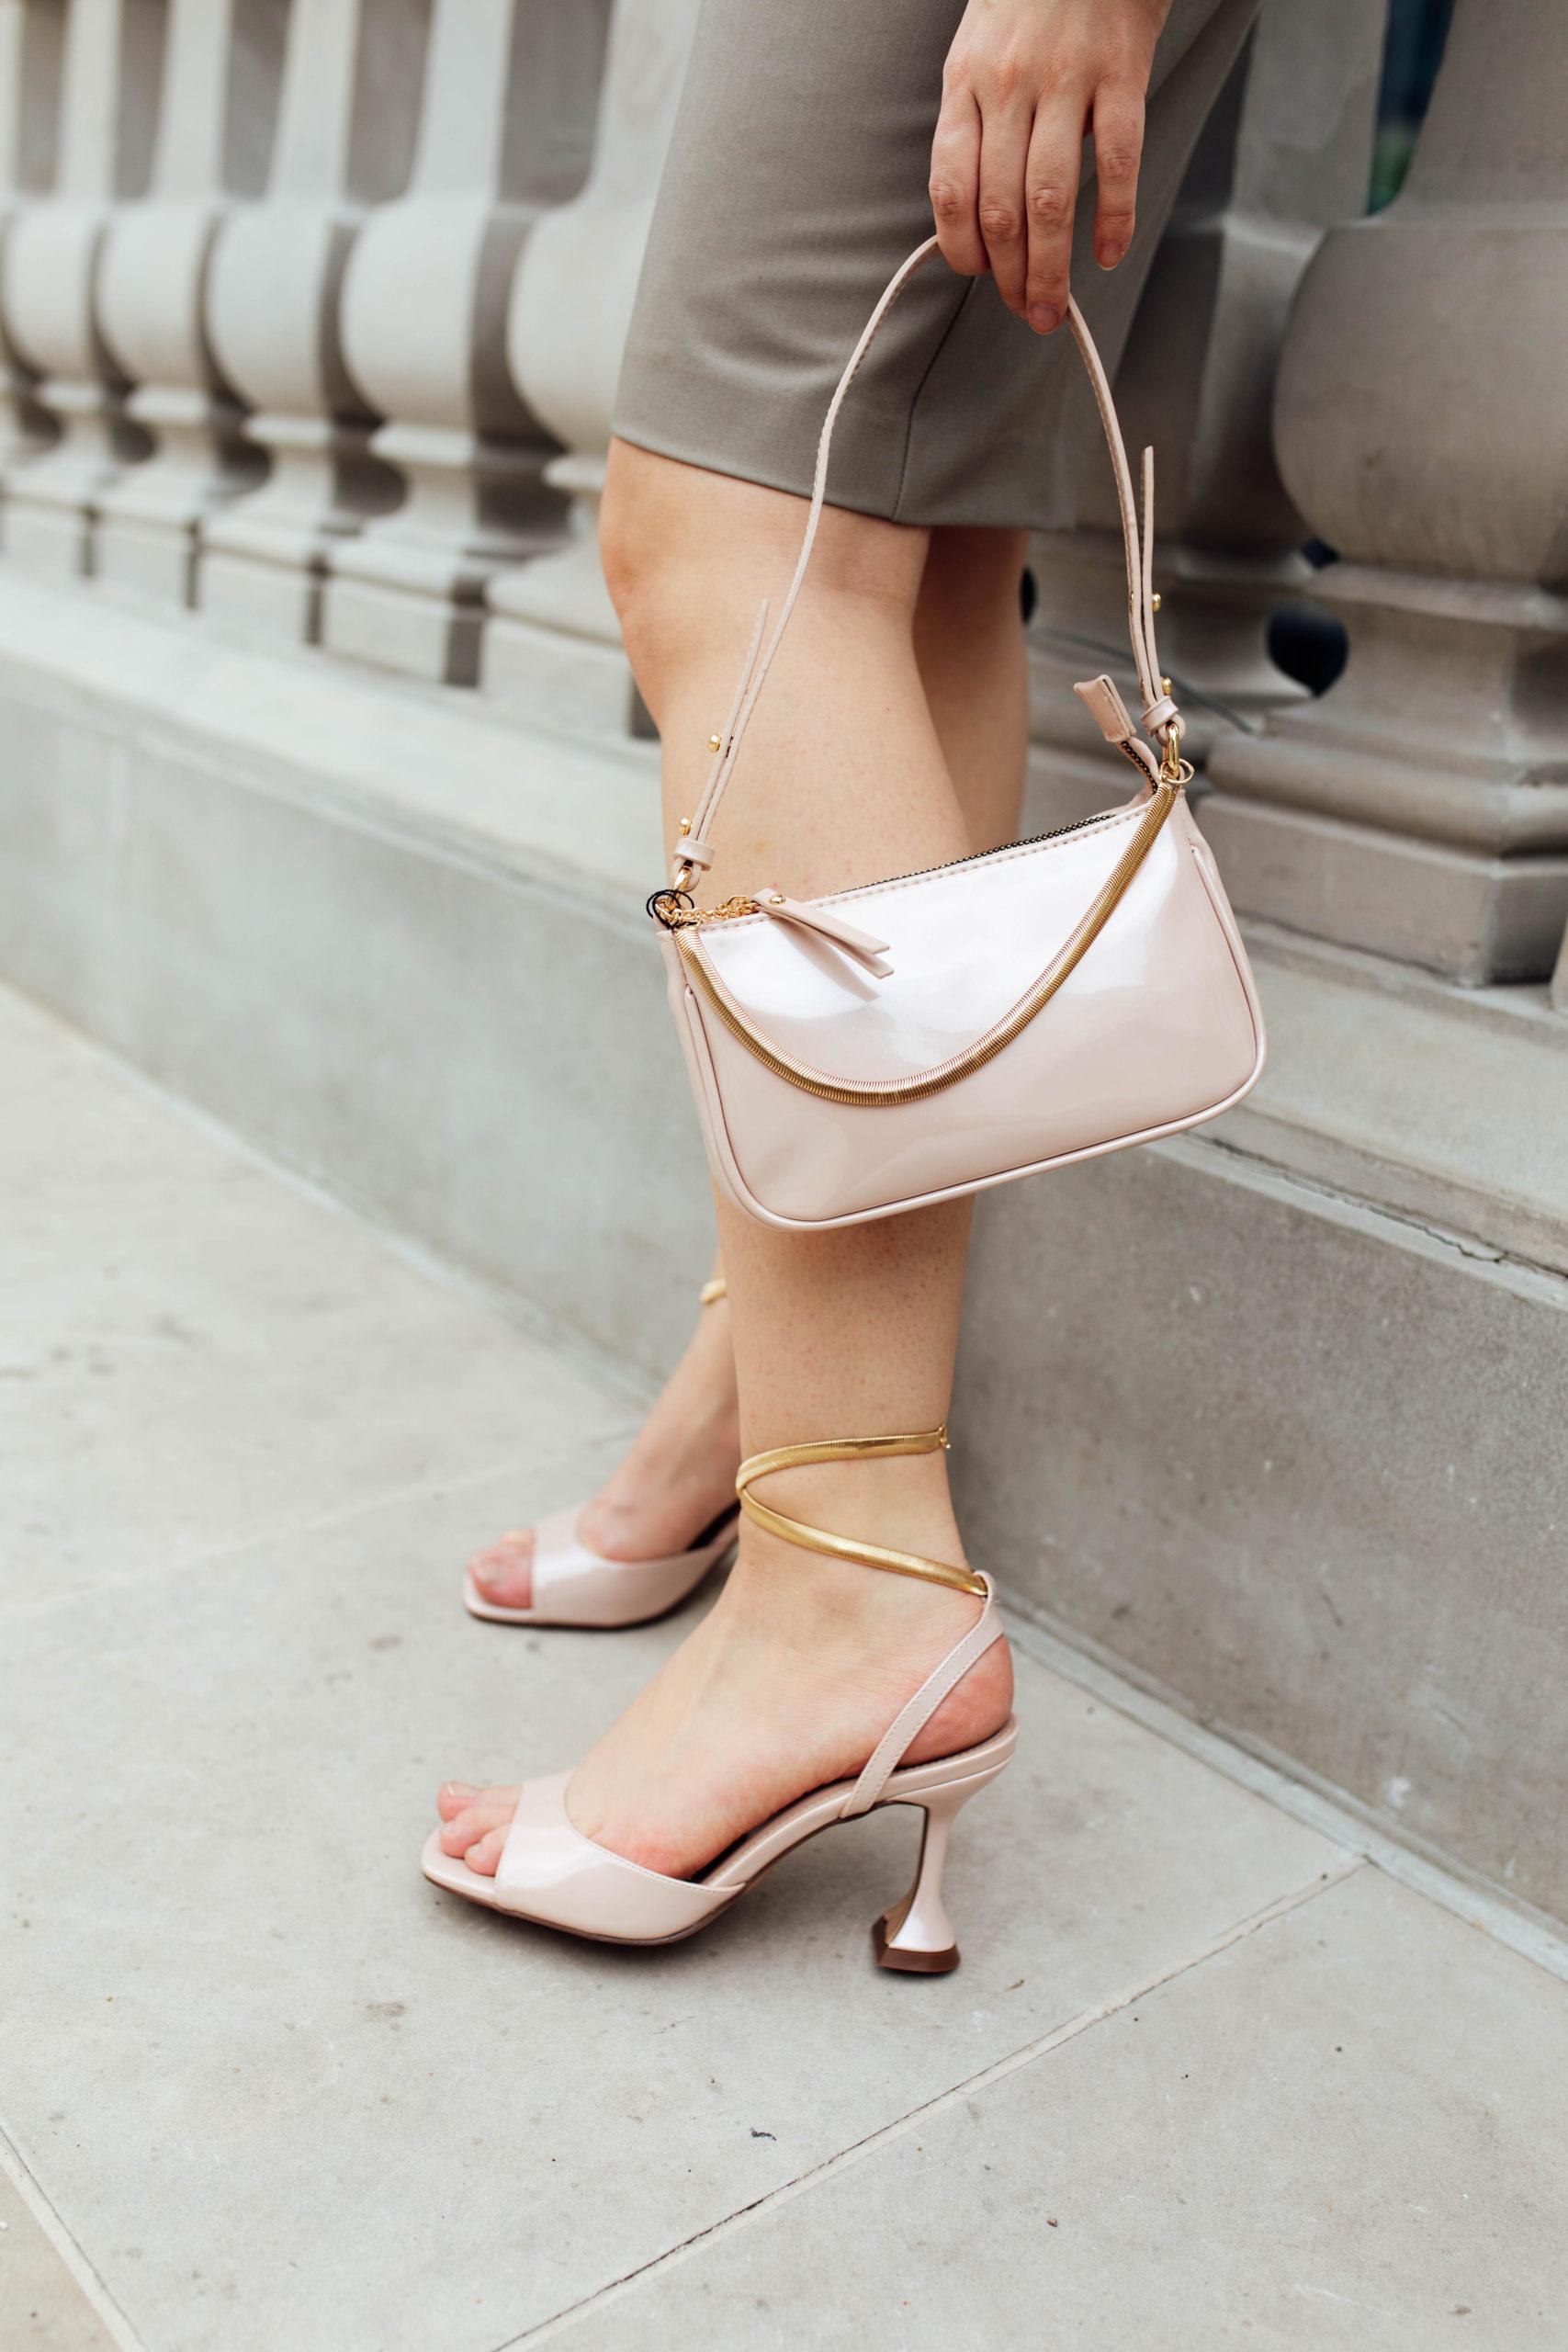 style-moda-najmodniejsze-buty-i-torebka-